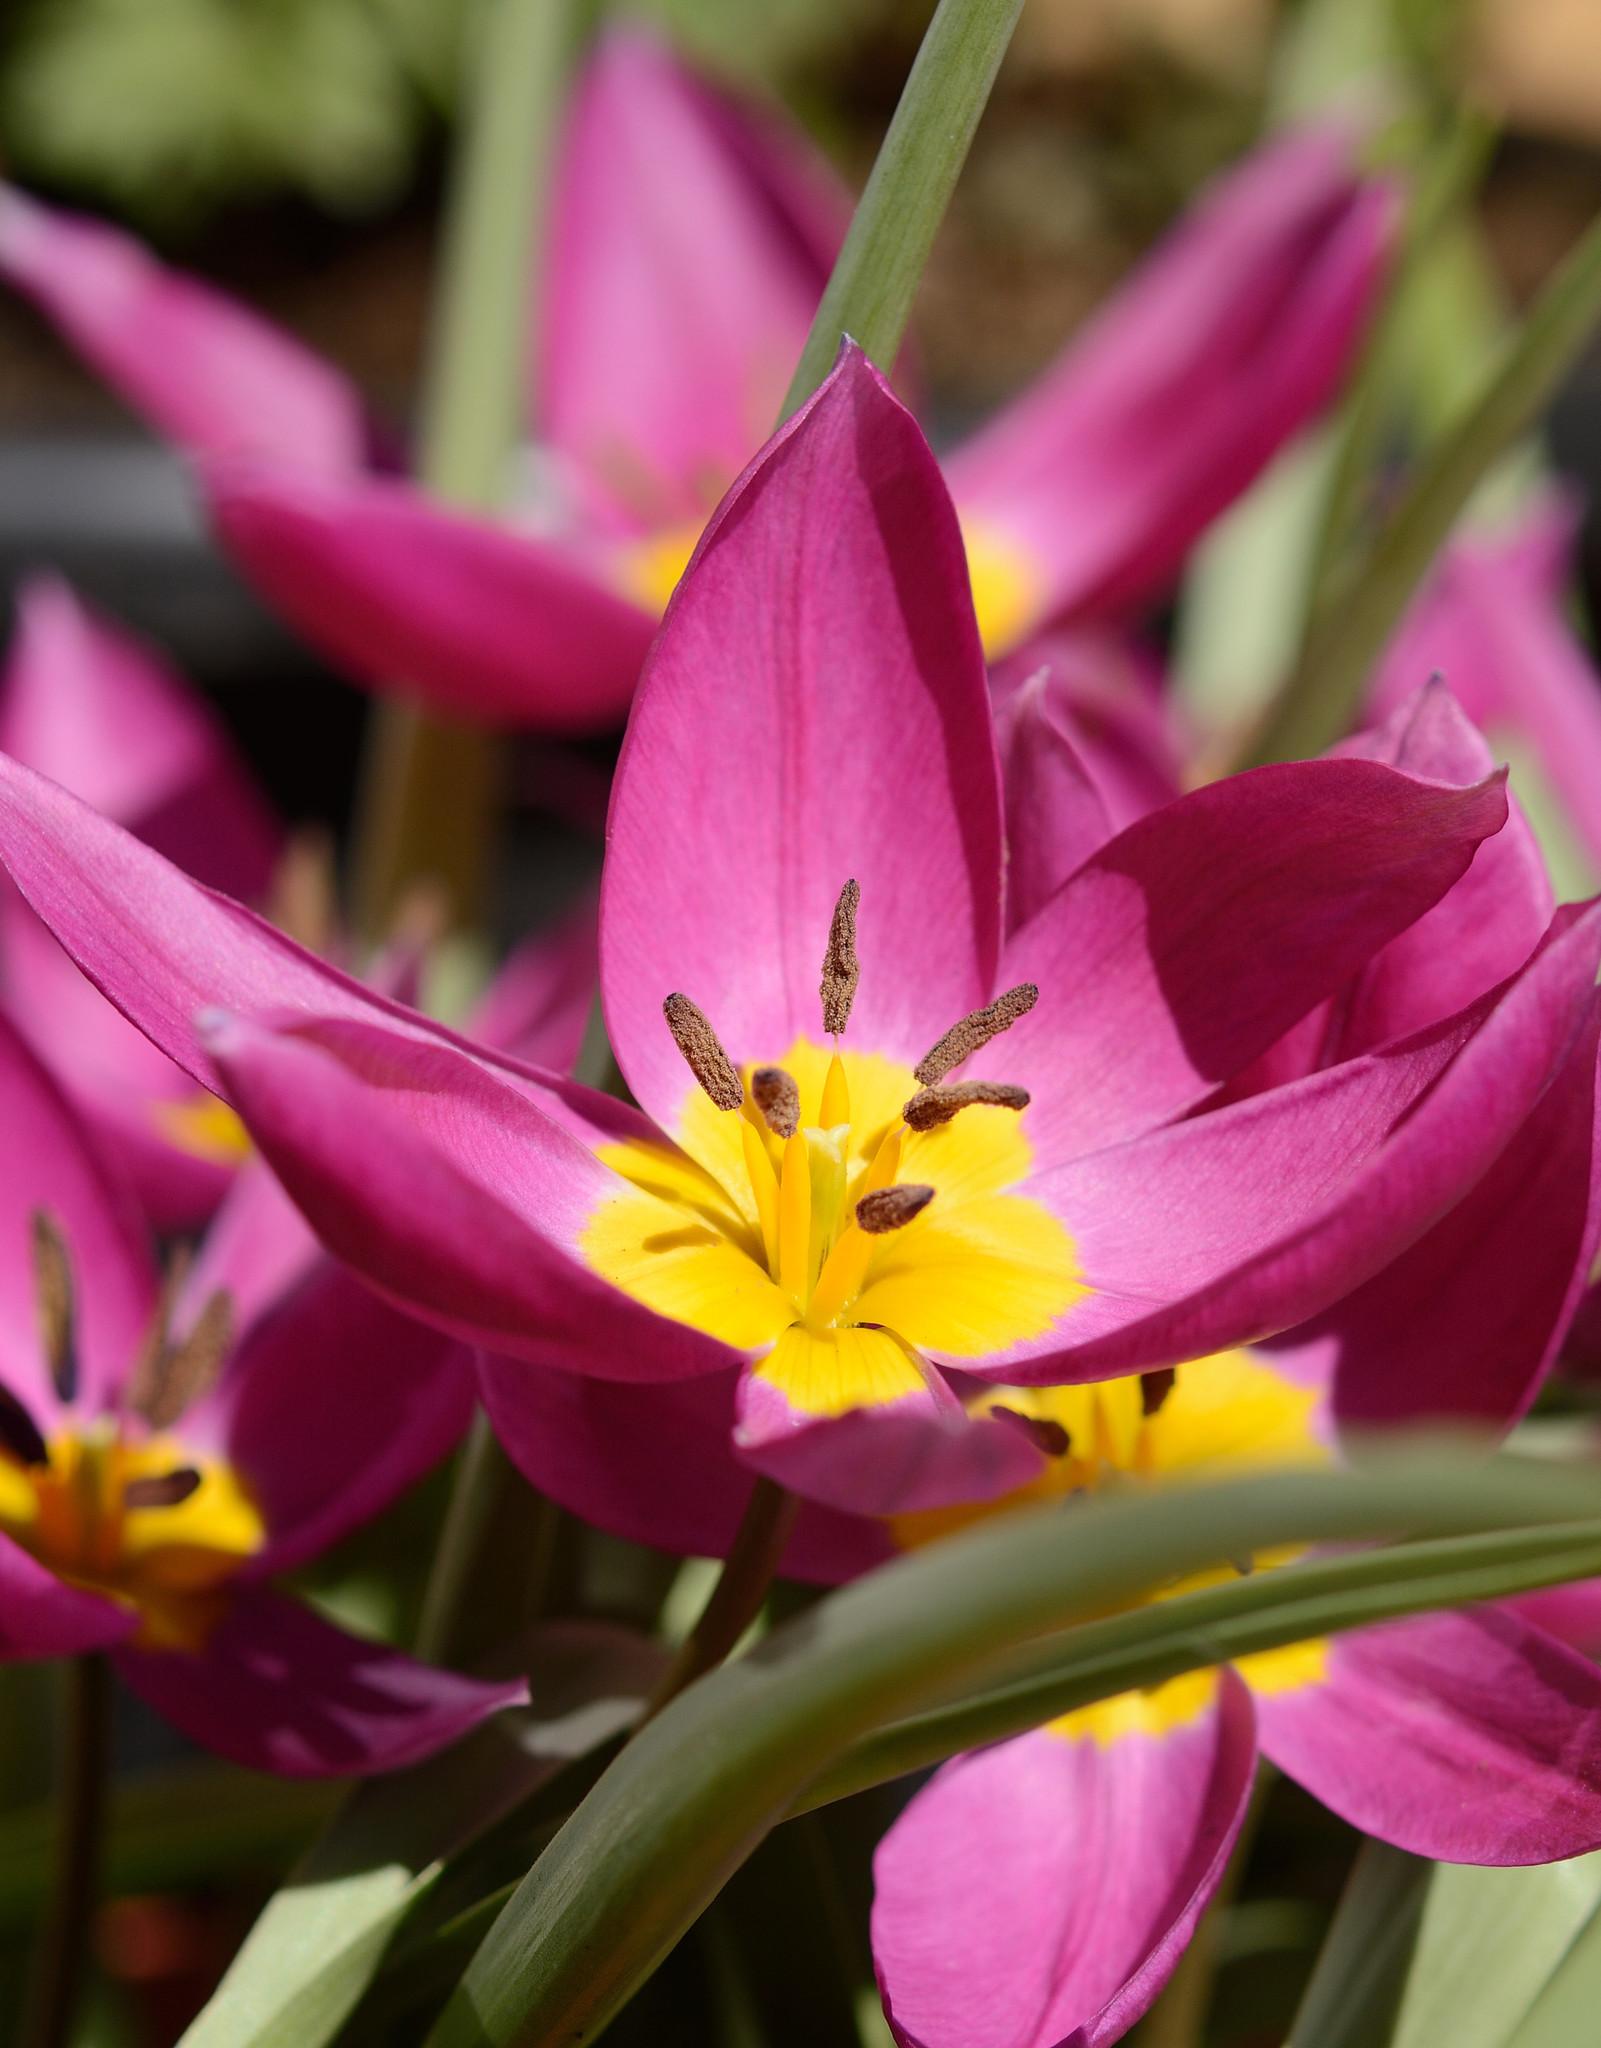 Tulpe (Wild)  Tulipa humilis 'Eastern Star' (Tulpe)